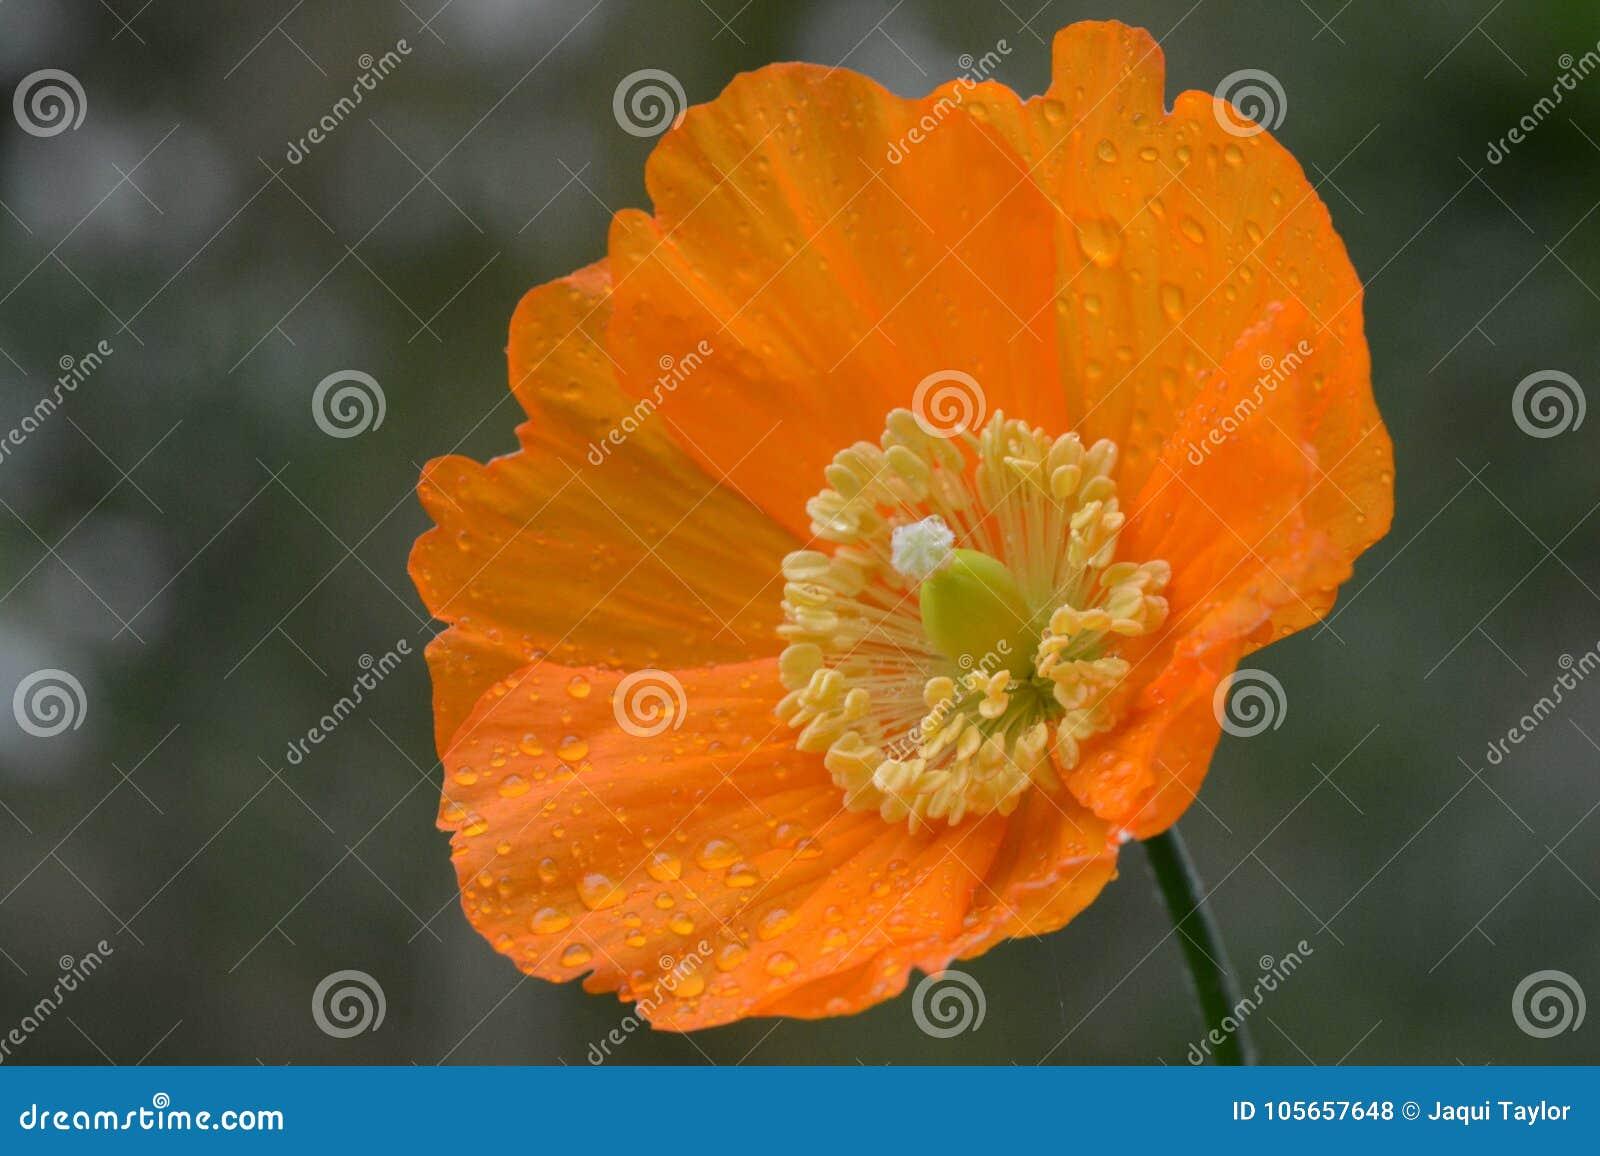 An orange flower after a rain shower